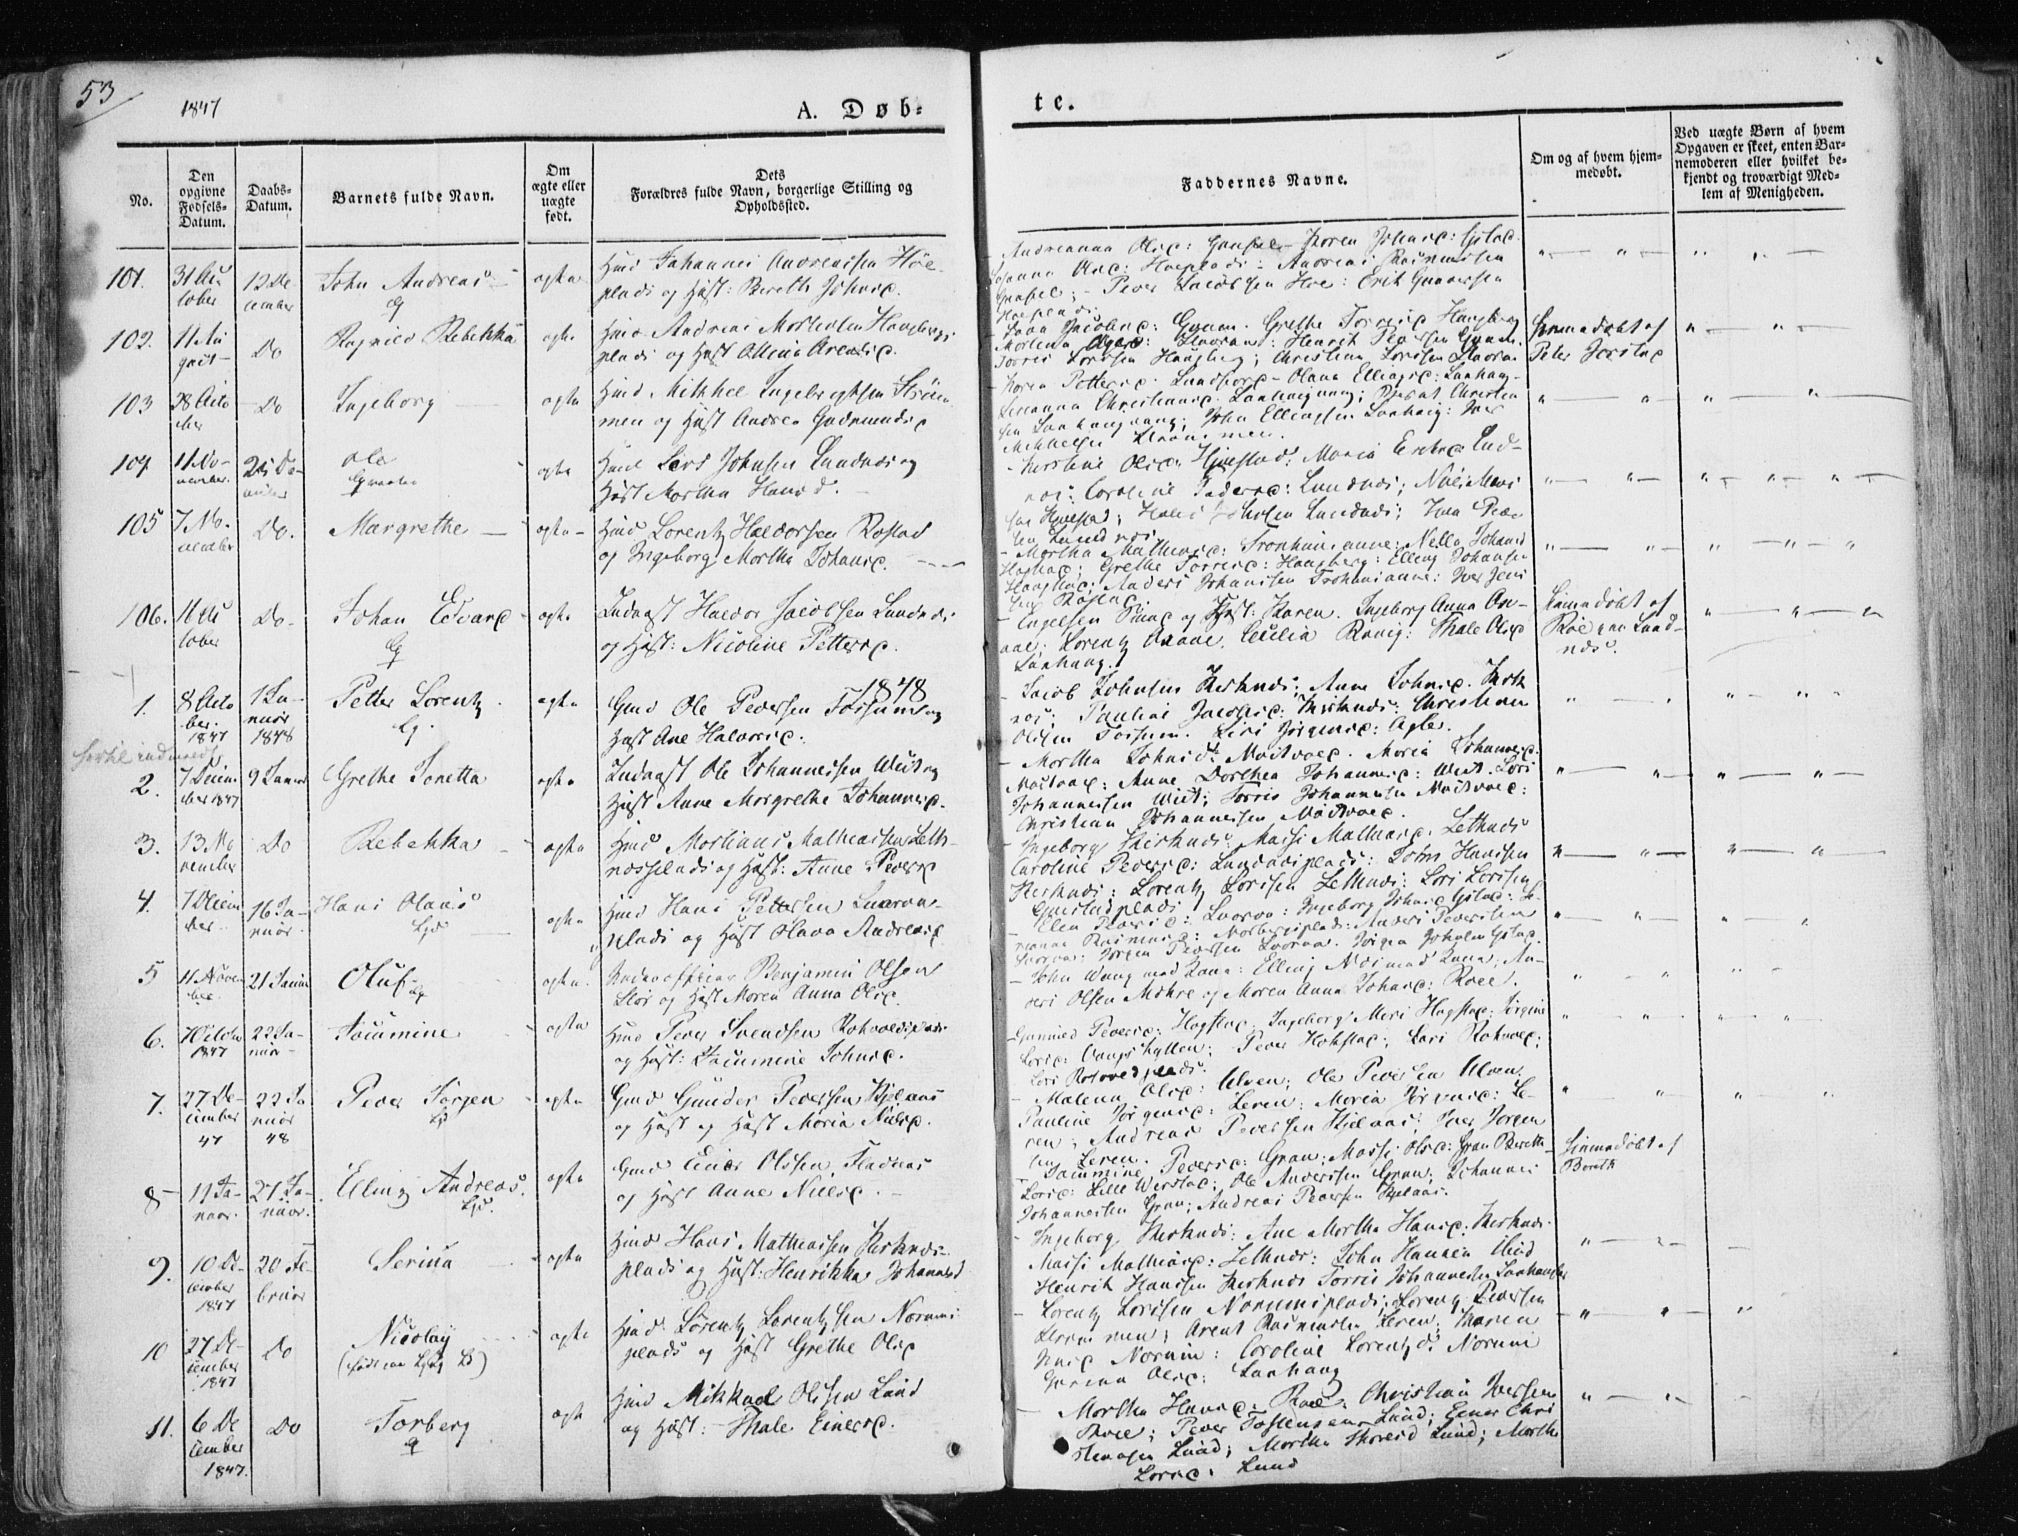 SAT, Ministerialprotokoller, klokkerbøker og fødselsregistre - Nord-Trøndelag, 730/L0280: Ministerialbok nr. 730A07 /1, 1840-1854, s. 53